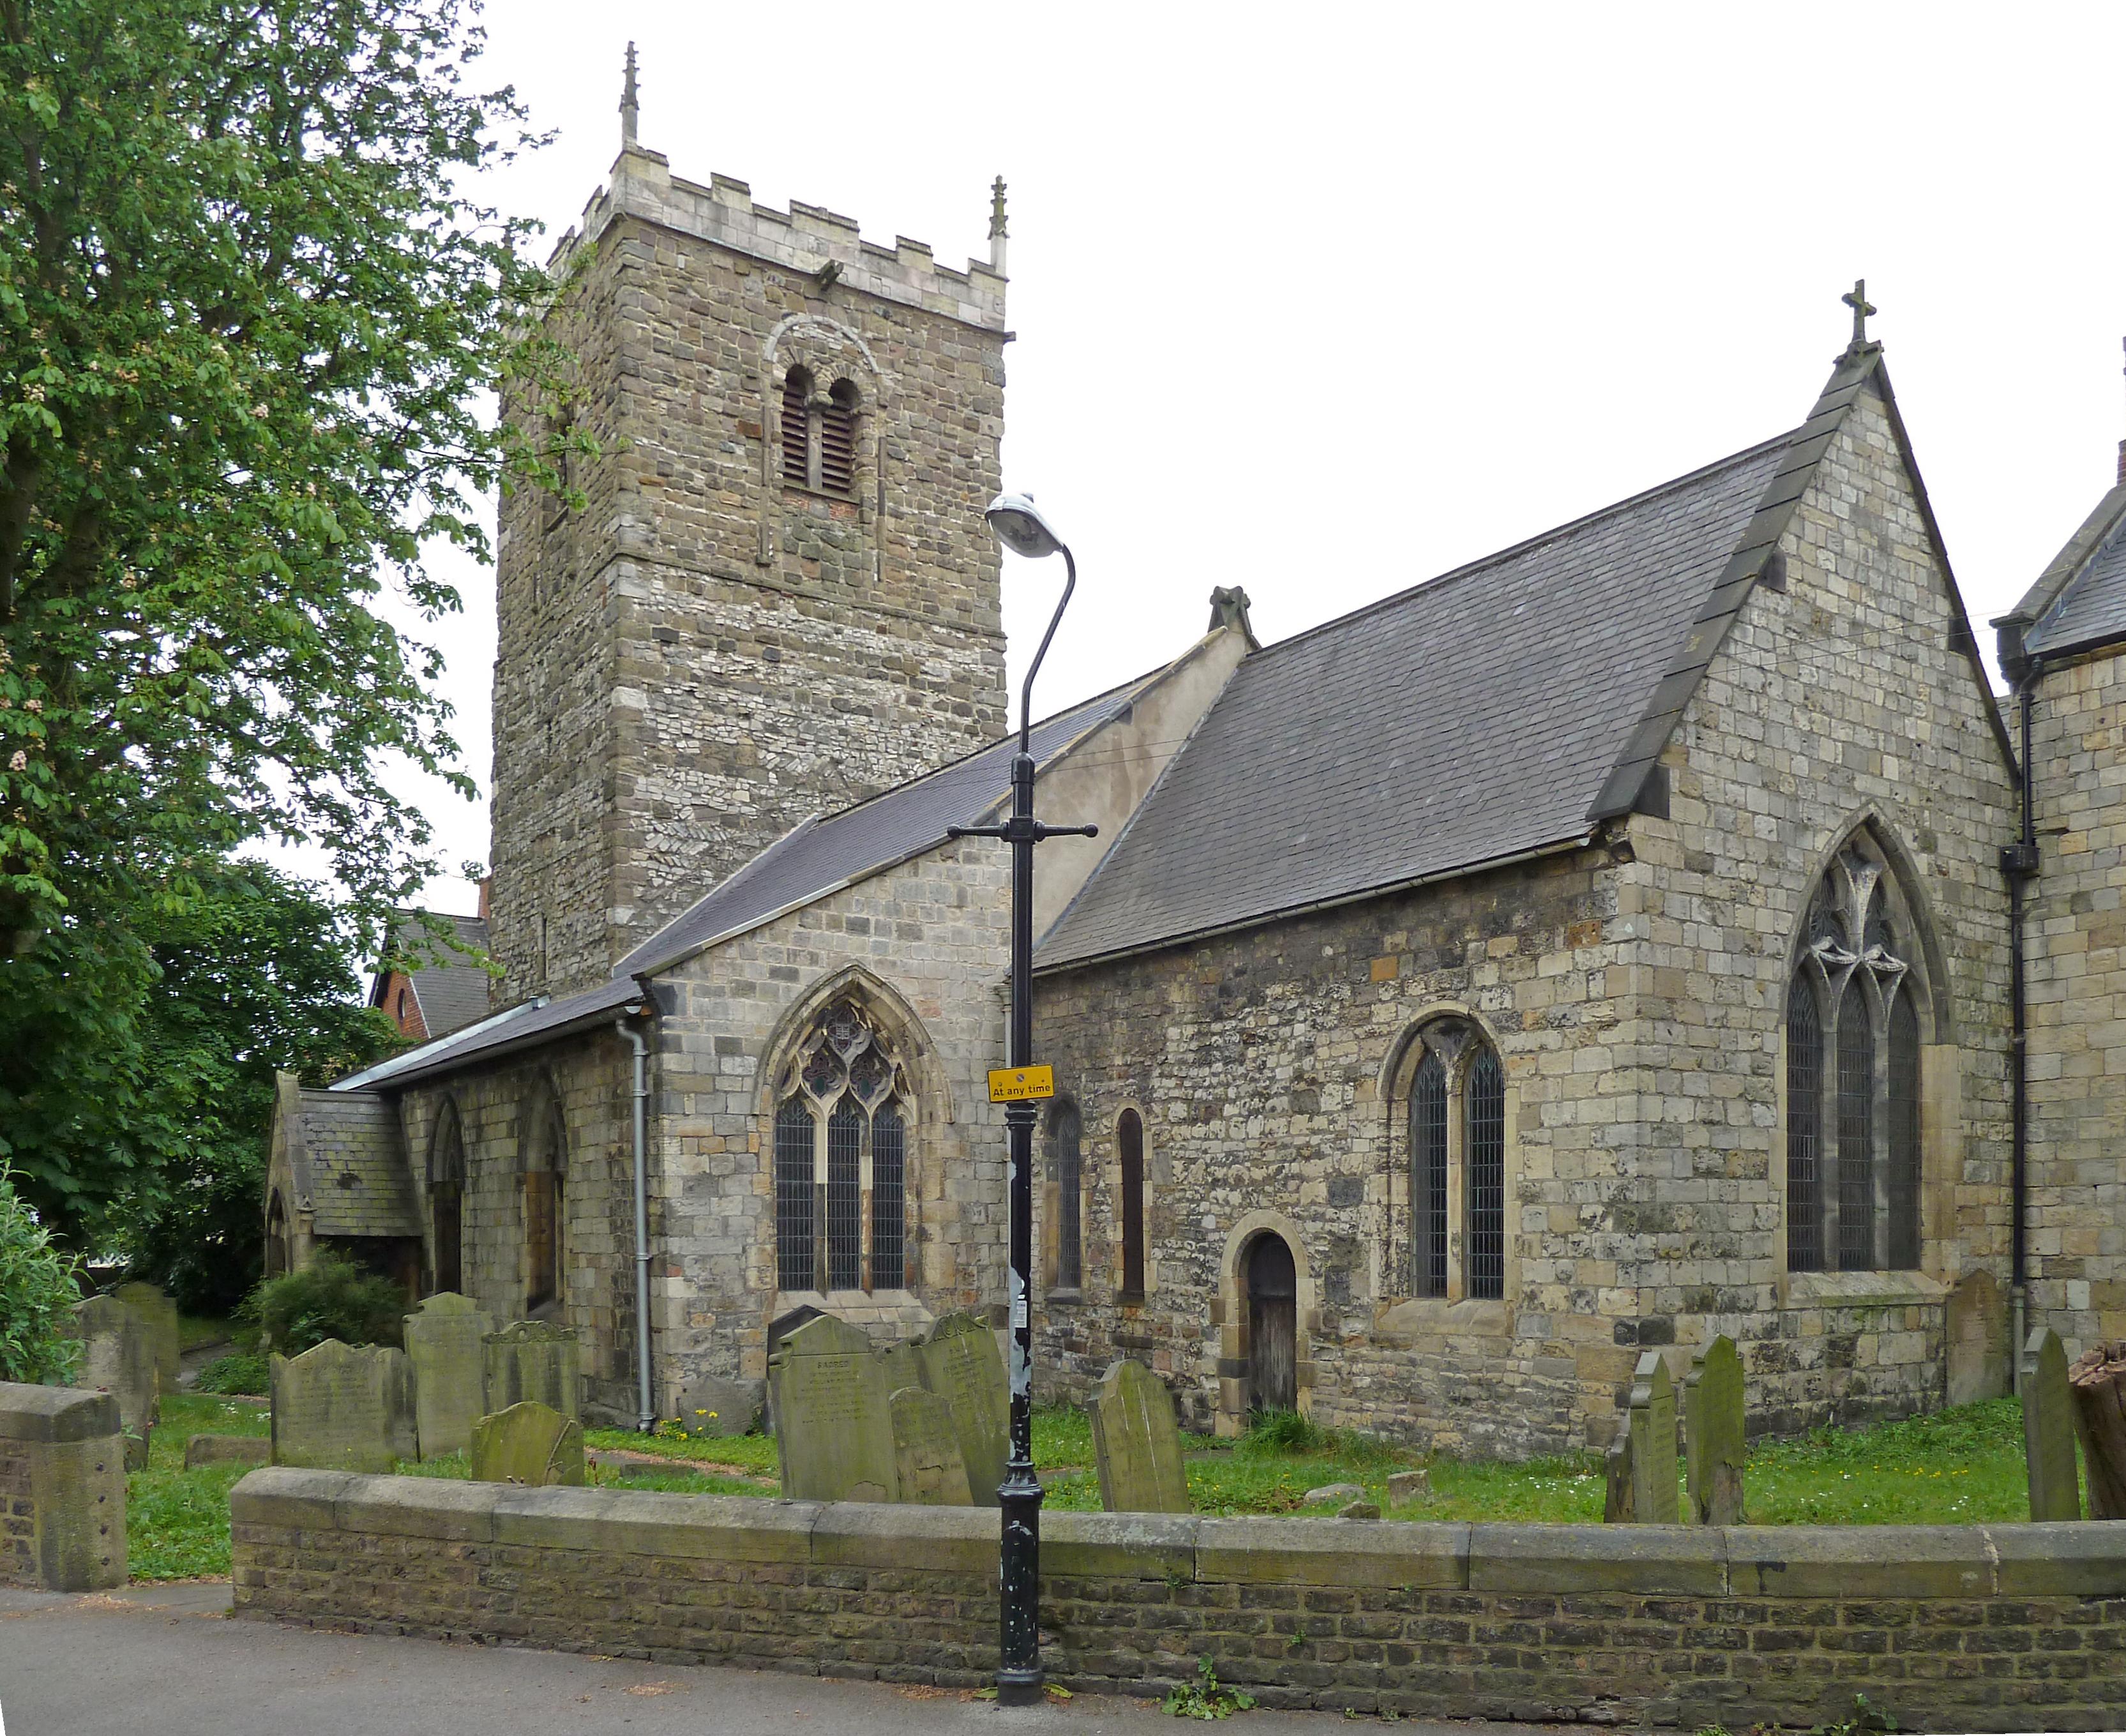 St. Marys Bishophill Junior, en kirke, som blev bygget i York, Anglia,  i de år, hvor Svend Estridssøn opholdt sig i byen. Tårnet stammer fra 900-tallet, og blev udbygget i begyndelsen af 1000-tallet, mens skibet stammer fra slutningen af 1000-tallet. Kilde: http://en.wikipedia.org/wiki/File:St._Marys_Bishophill_Junior,_York.jpg, Fremstillet af: http://en.wikipedia.org/wiki/User:Kaly99.